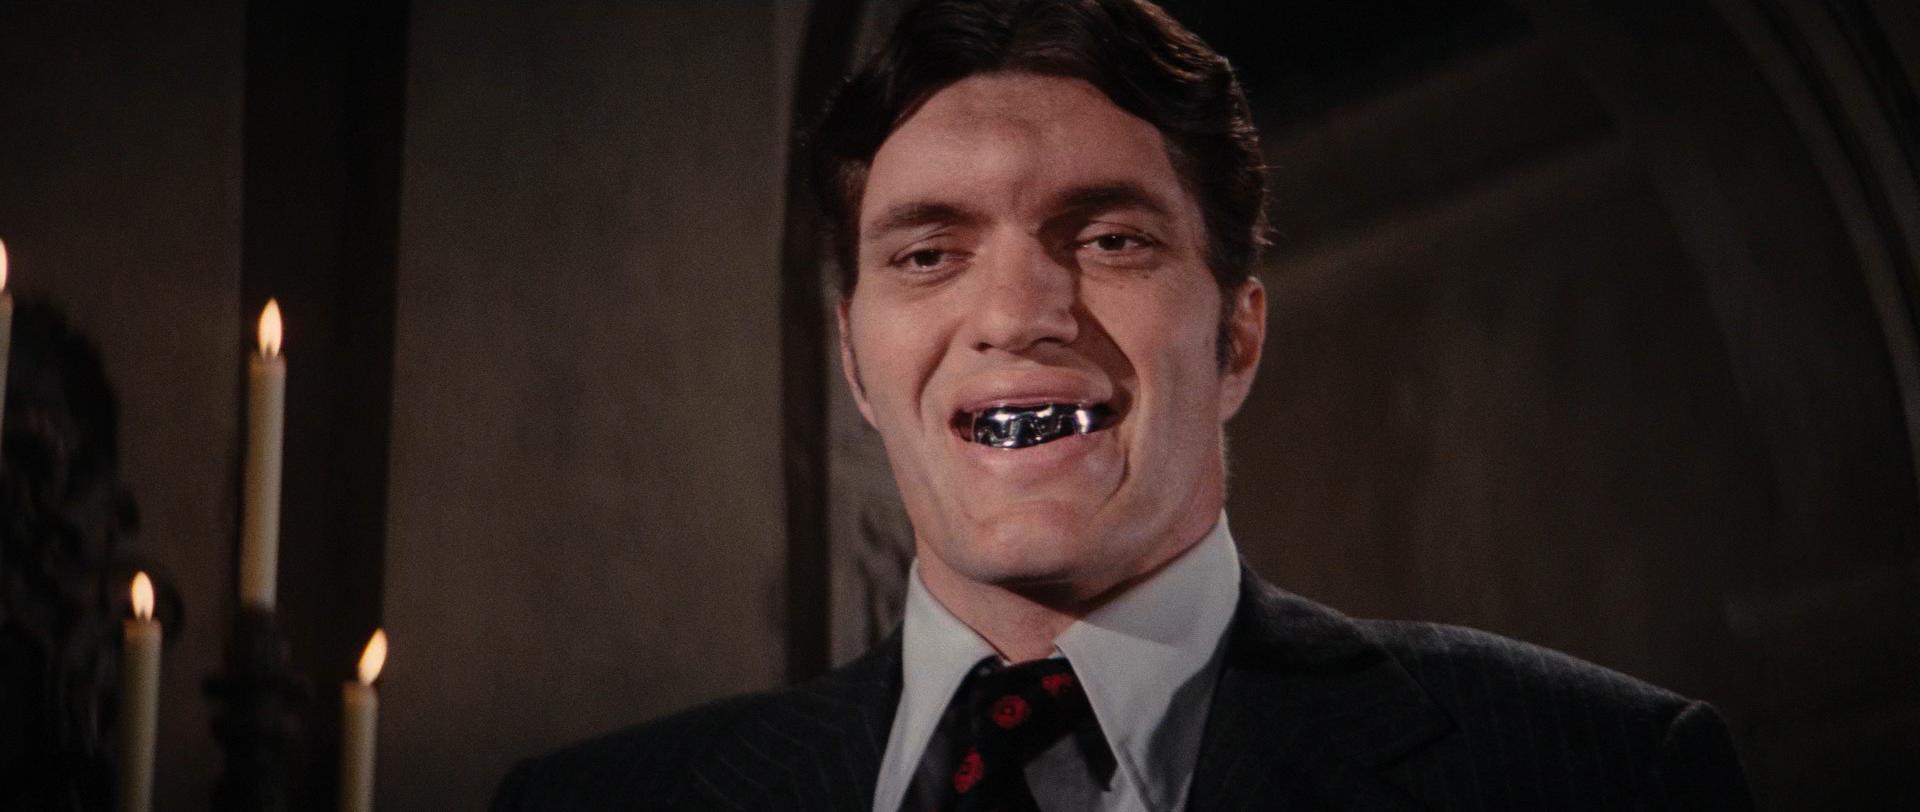 джеймс бонд спектр злодеи отвратительные мужики челюсти